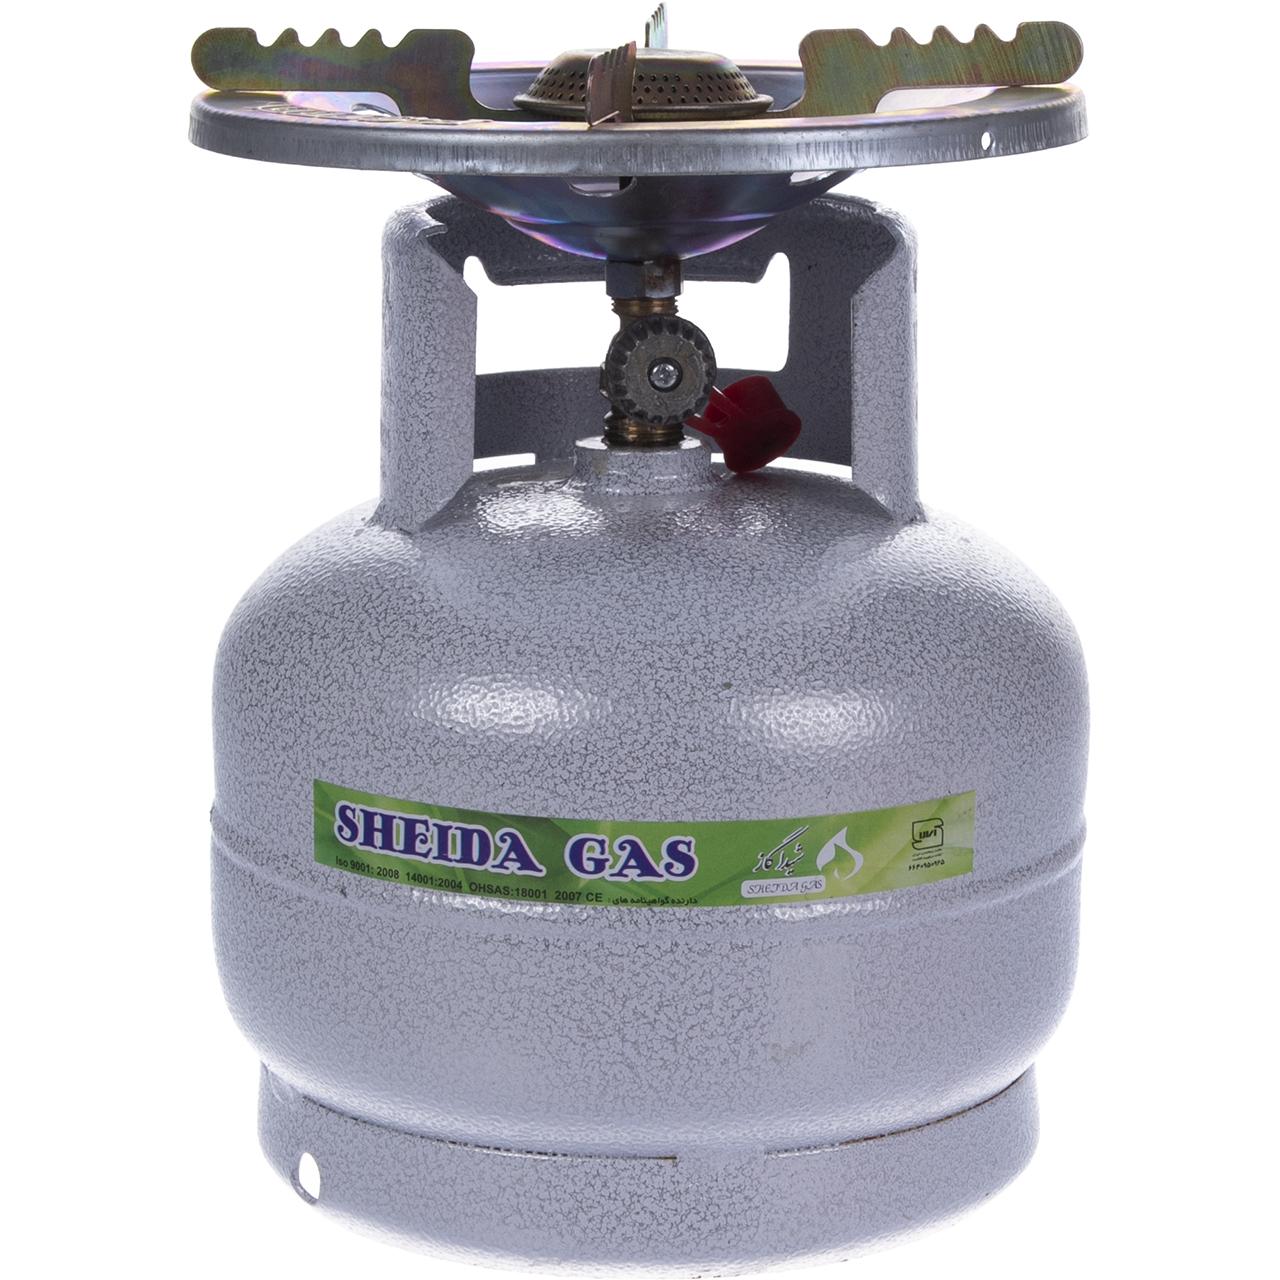 اجاق گاز پيكنيكي شيدا گاز حجم 2.5 كيلوگرم